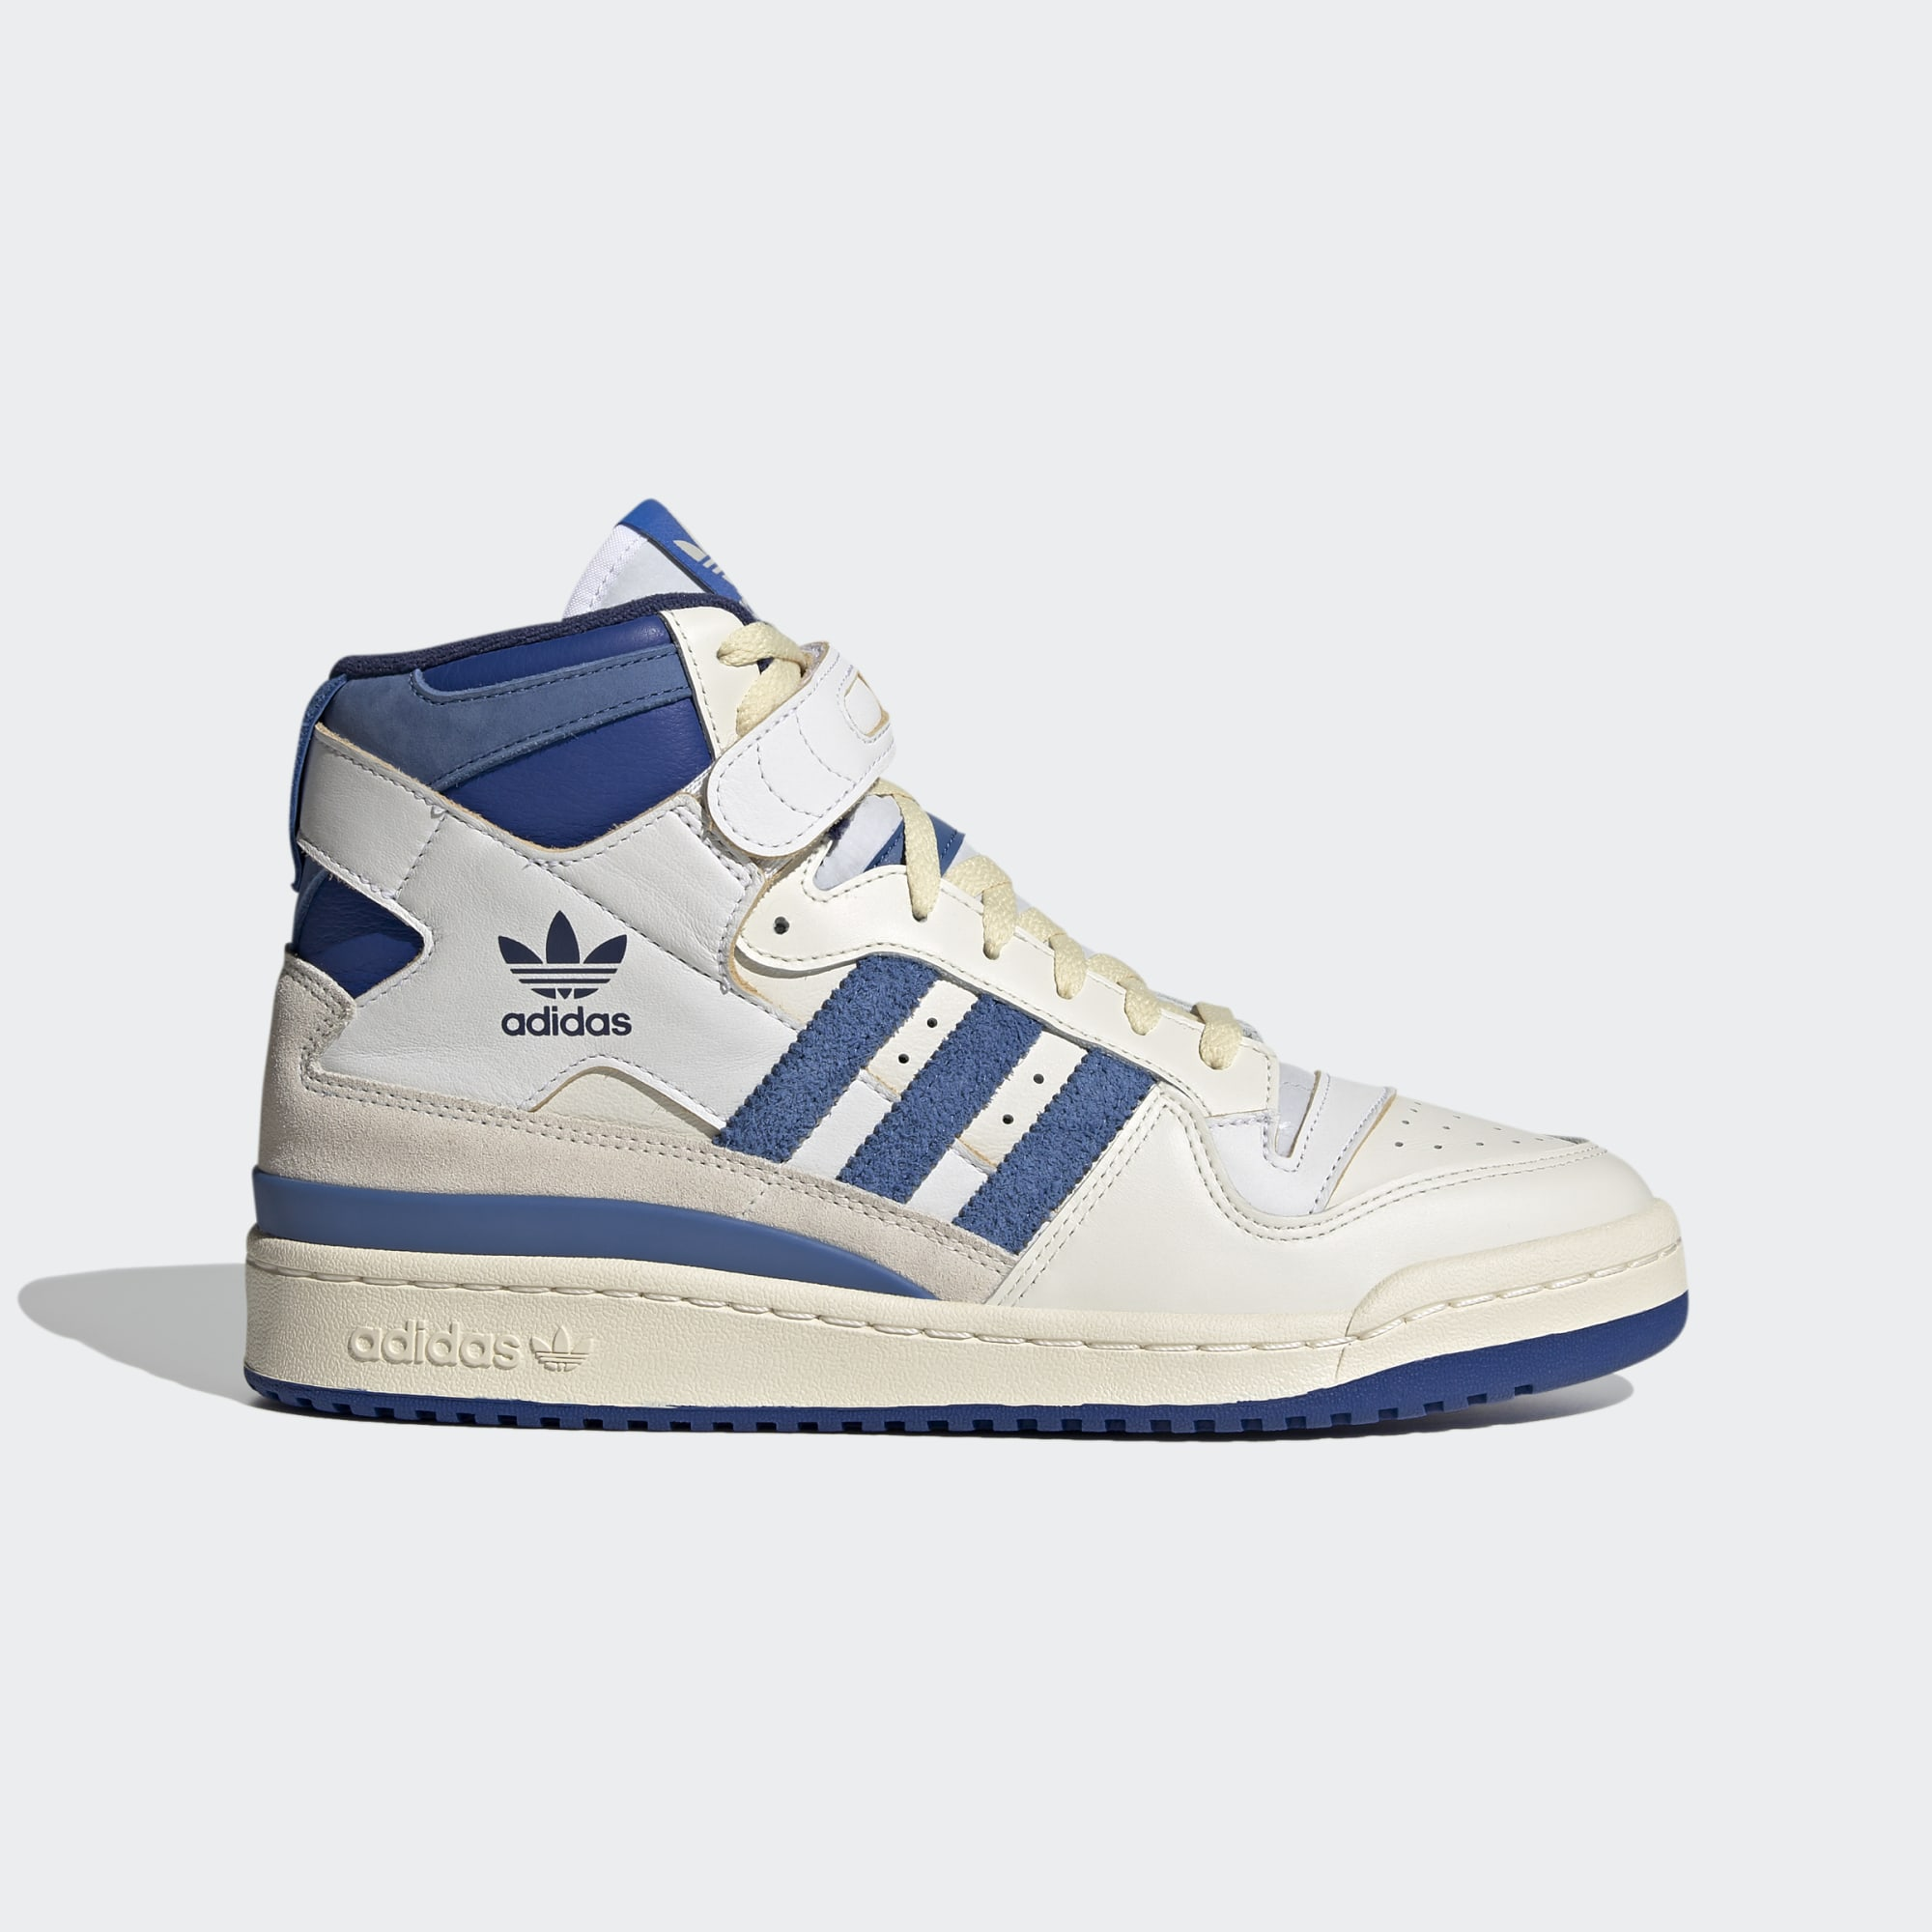 adidas-originals-forum-84-high-og-bright-blue-fy77930